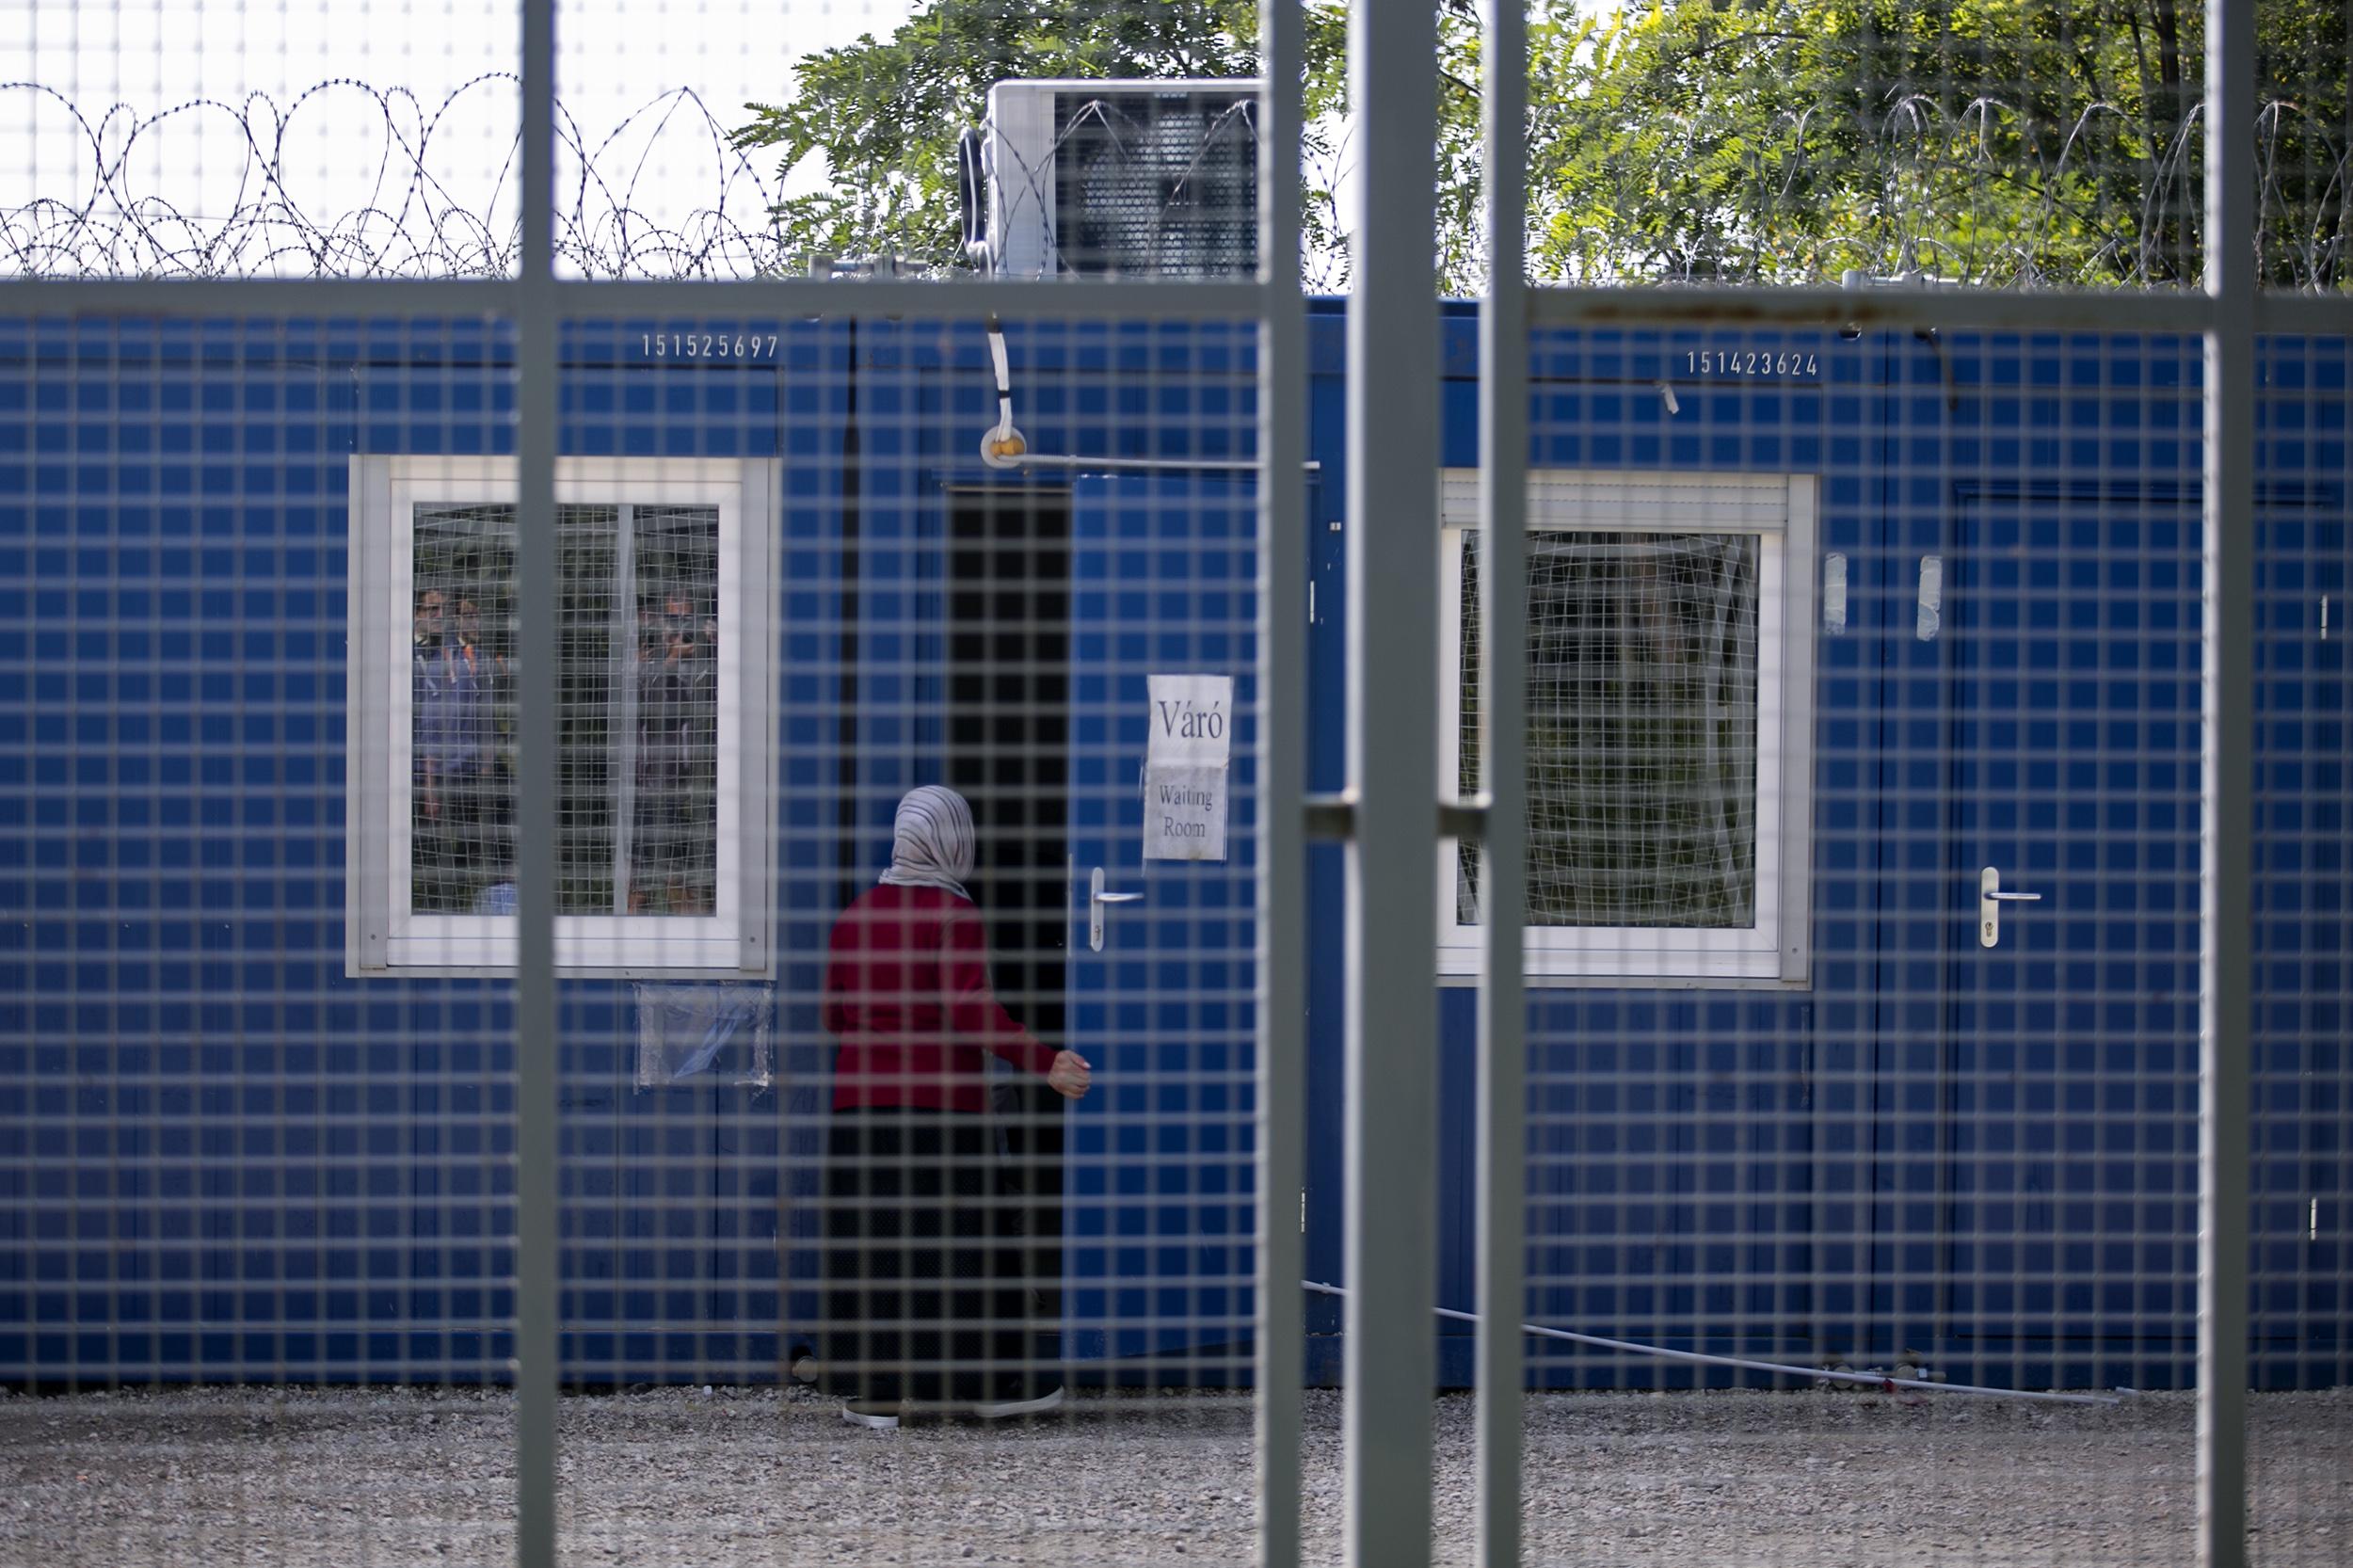 Egy strasbourgi ítélet bebizonyította, hogy nemzetközi jogot sért a magyar kormány új menekültügyi törvénye